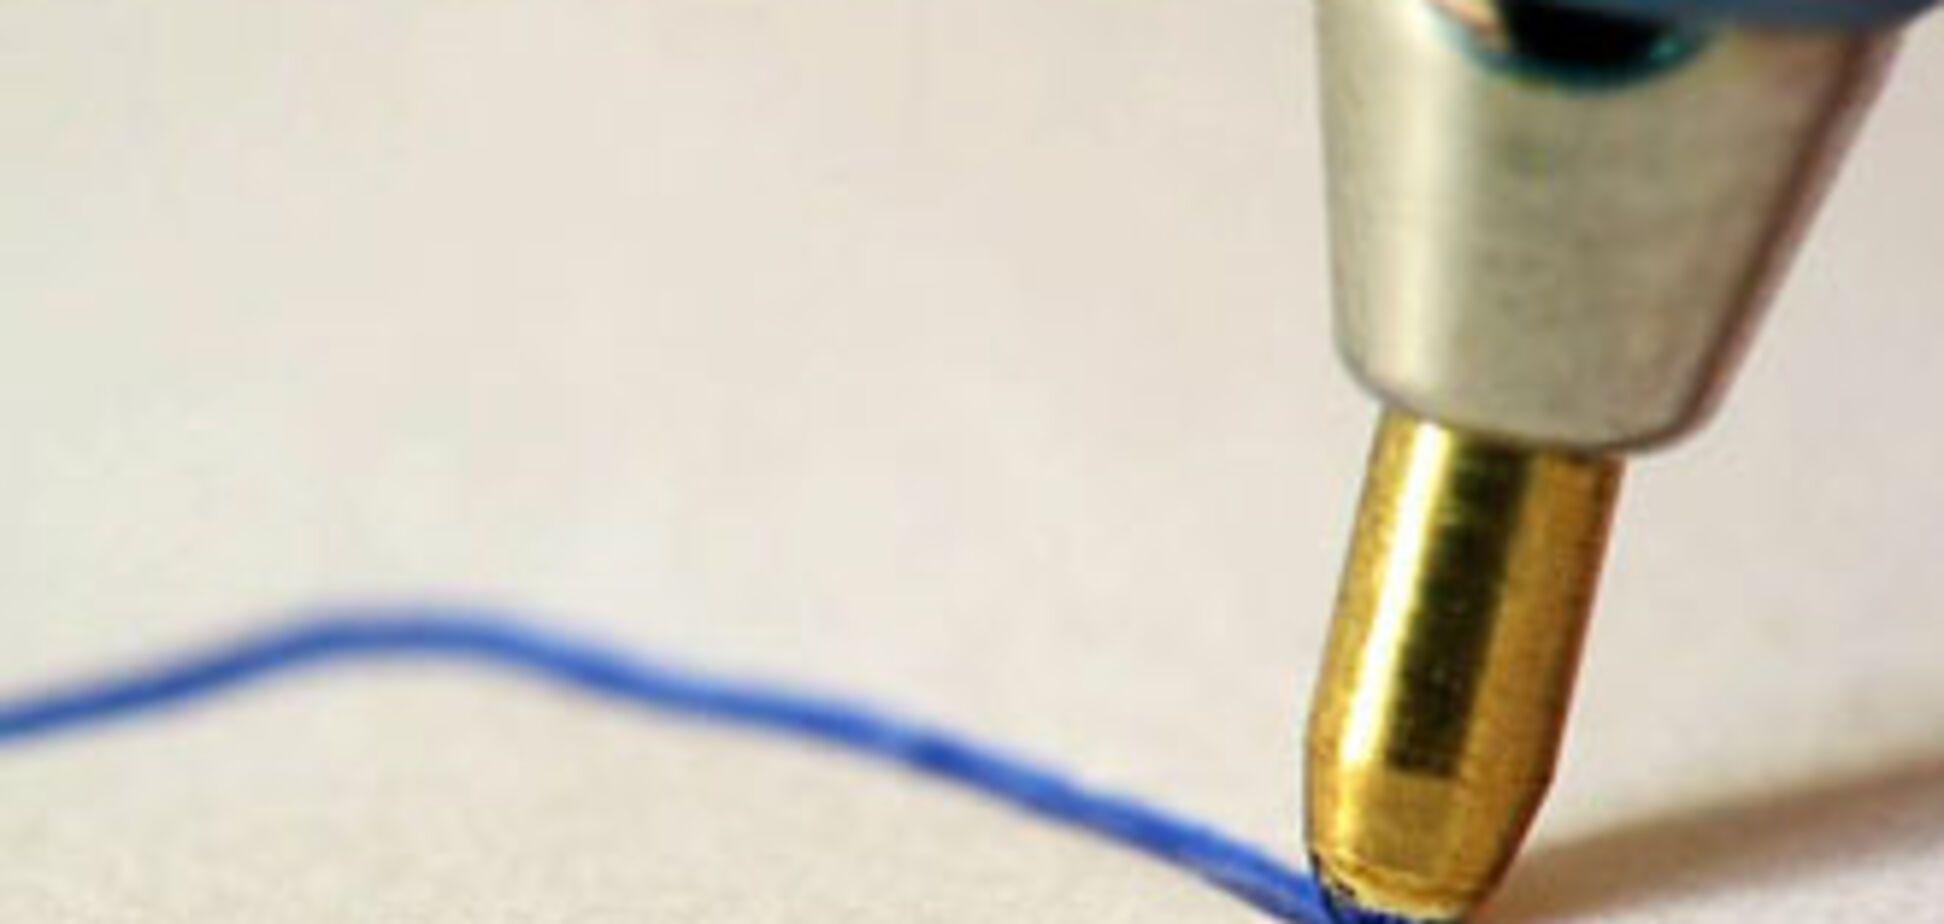 На 26 дільницях знайдені ручки зі зникаючим чорнилом